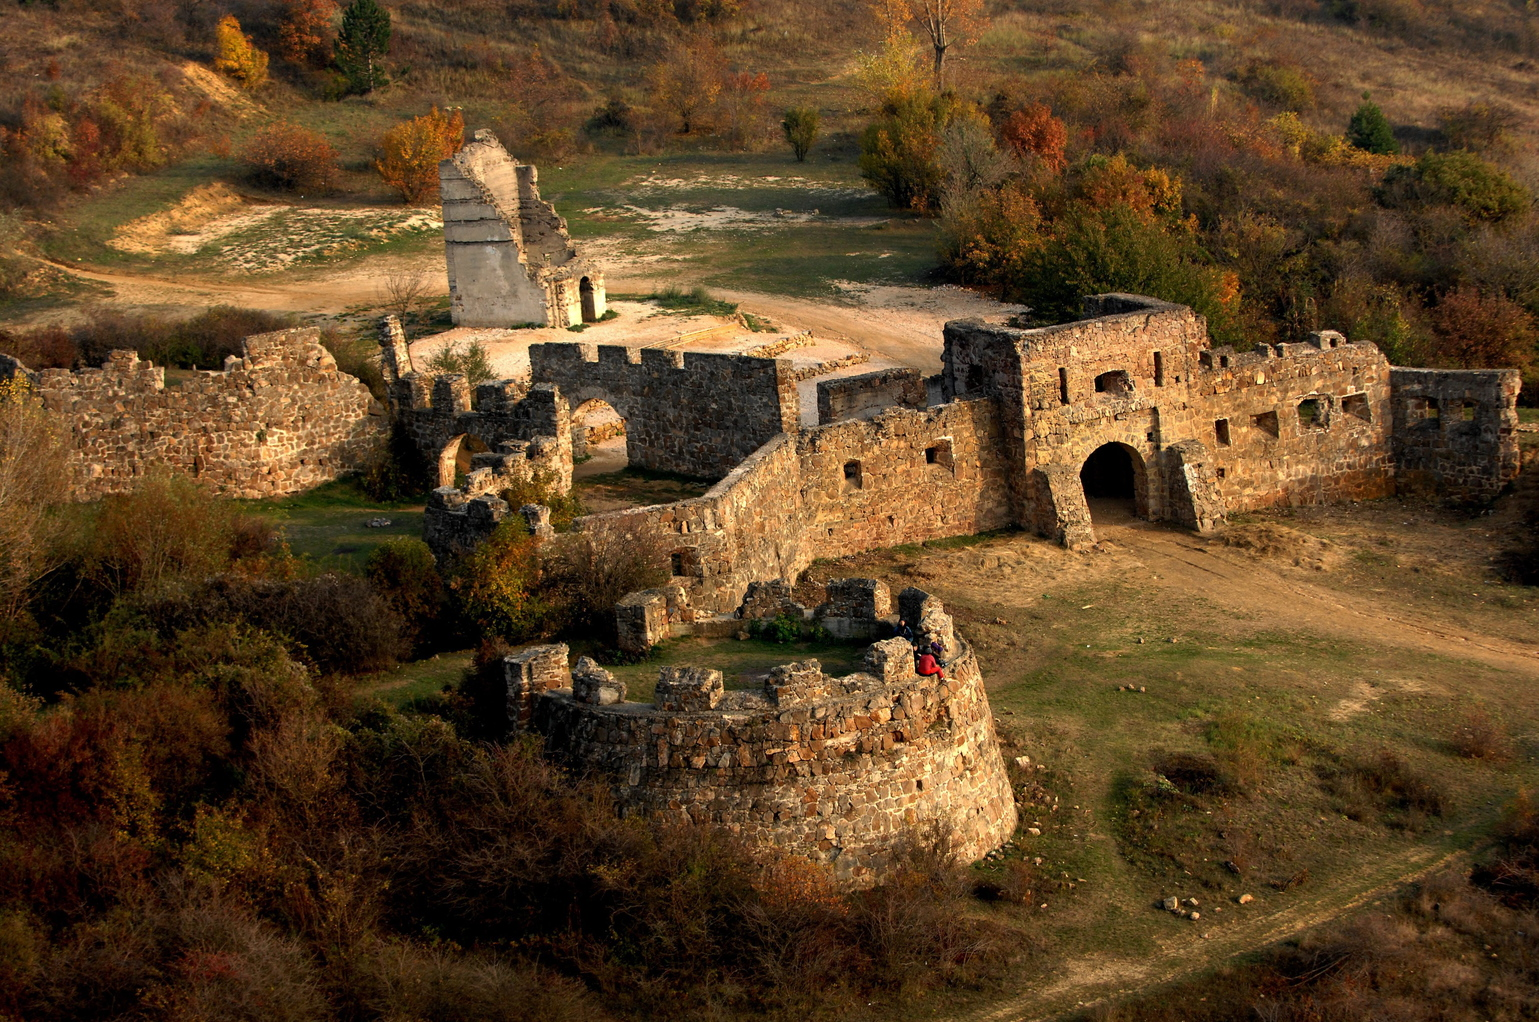 Az Egri csillagok című film egykori forgatási helyszíne Pilisborosjenőn. MTI Fotó: H. Szabó Sándor